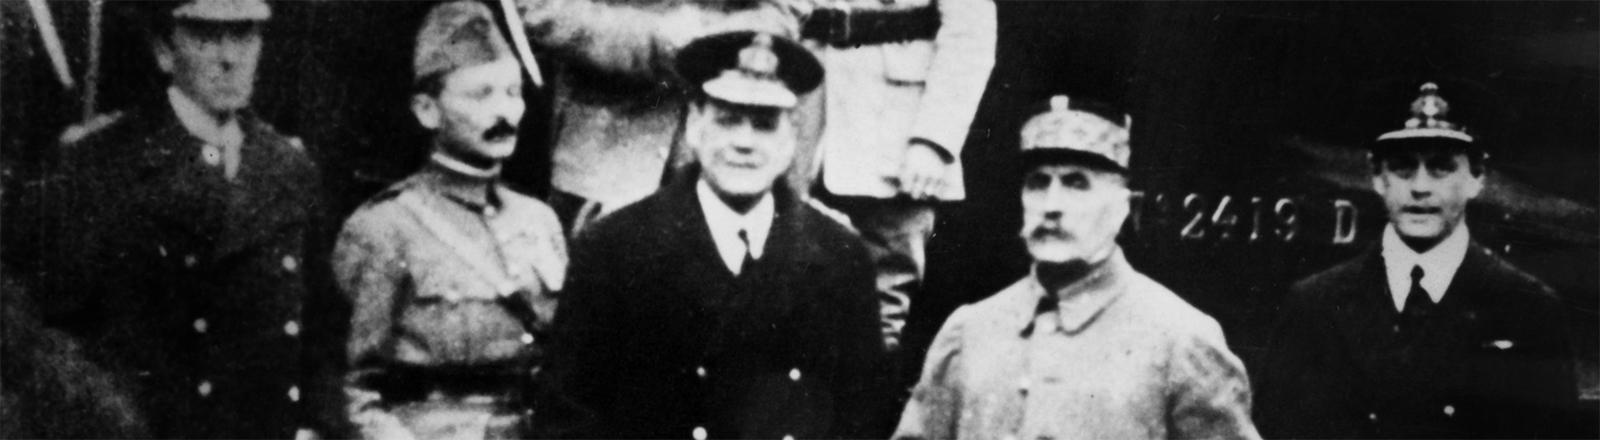 Der französische General Foch (2.v.r.) und Mitglieder der deutschen und französischen Delegation am 11.11.1918 vor dem Eisenbahnwaggon in Compiegne, Frankreich, in dem der Wafenstillstand beschlossen wurde der die Kampfhandlungen des 1. Weltkriegs beendete